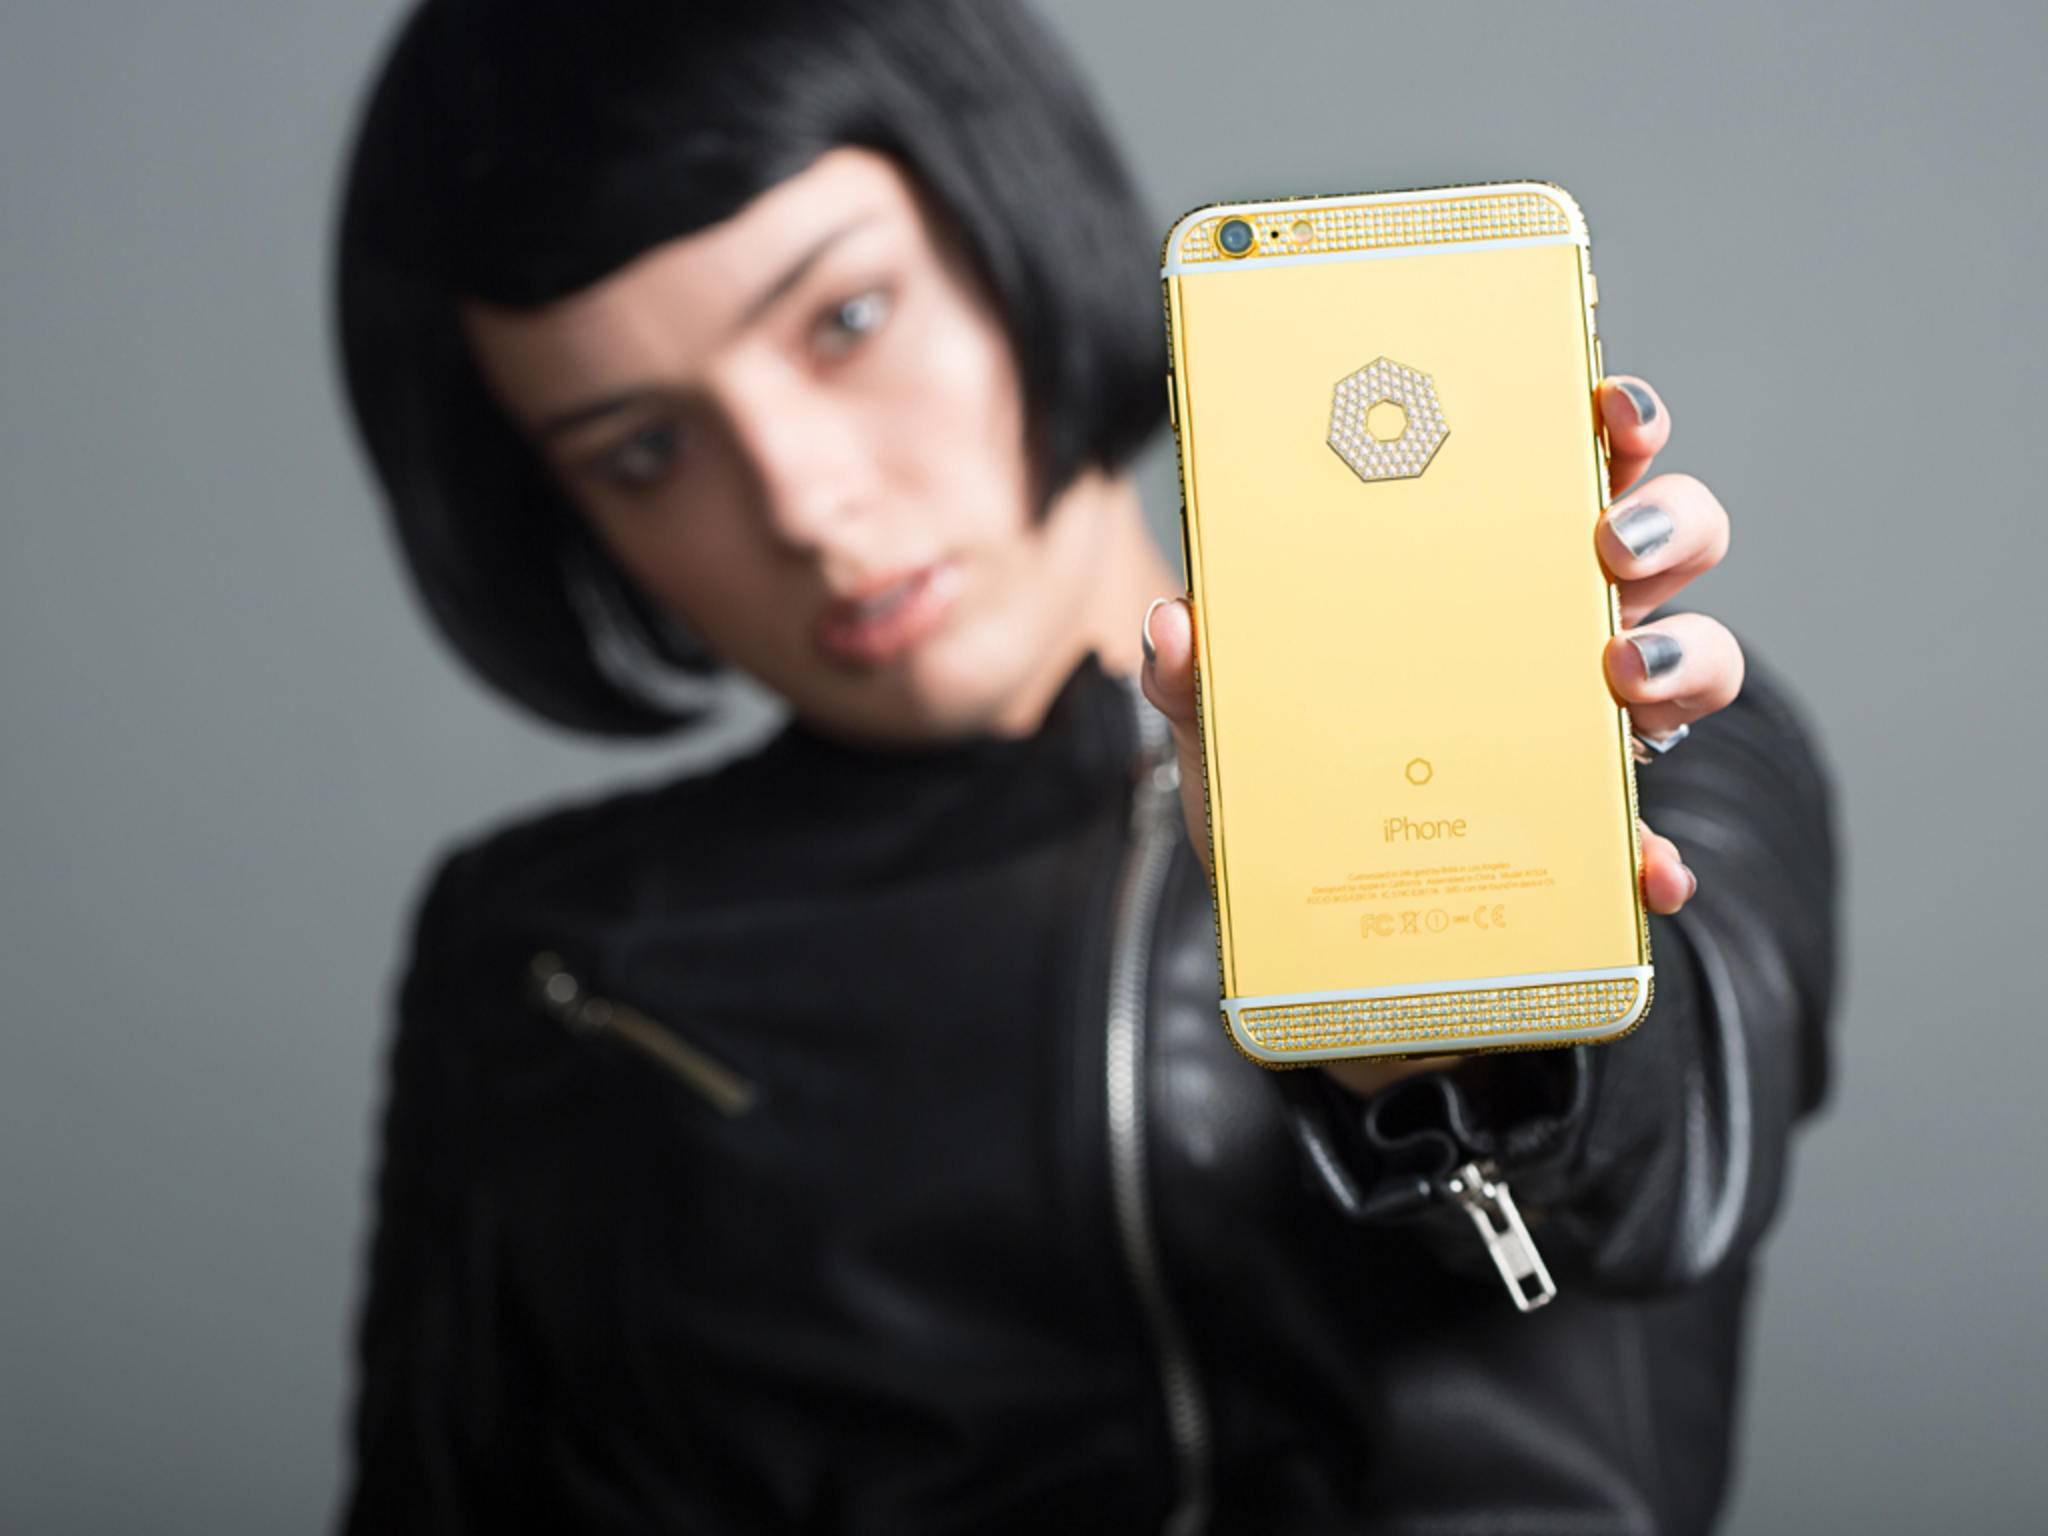 Kein Schnäppchen: Das iPhone 6s der Modding-Firma Brikk.